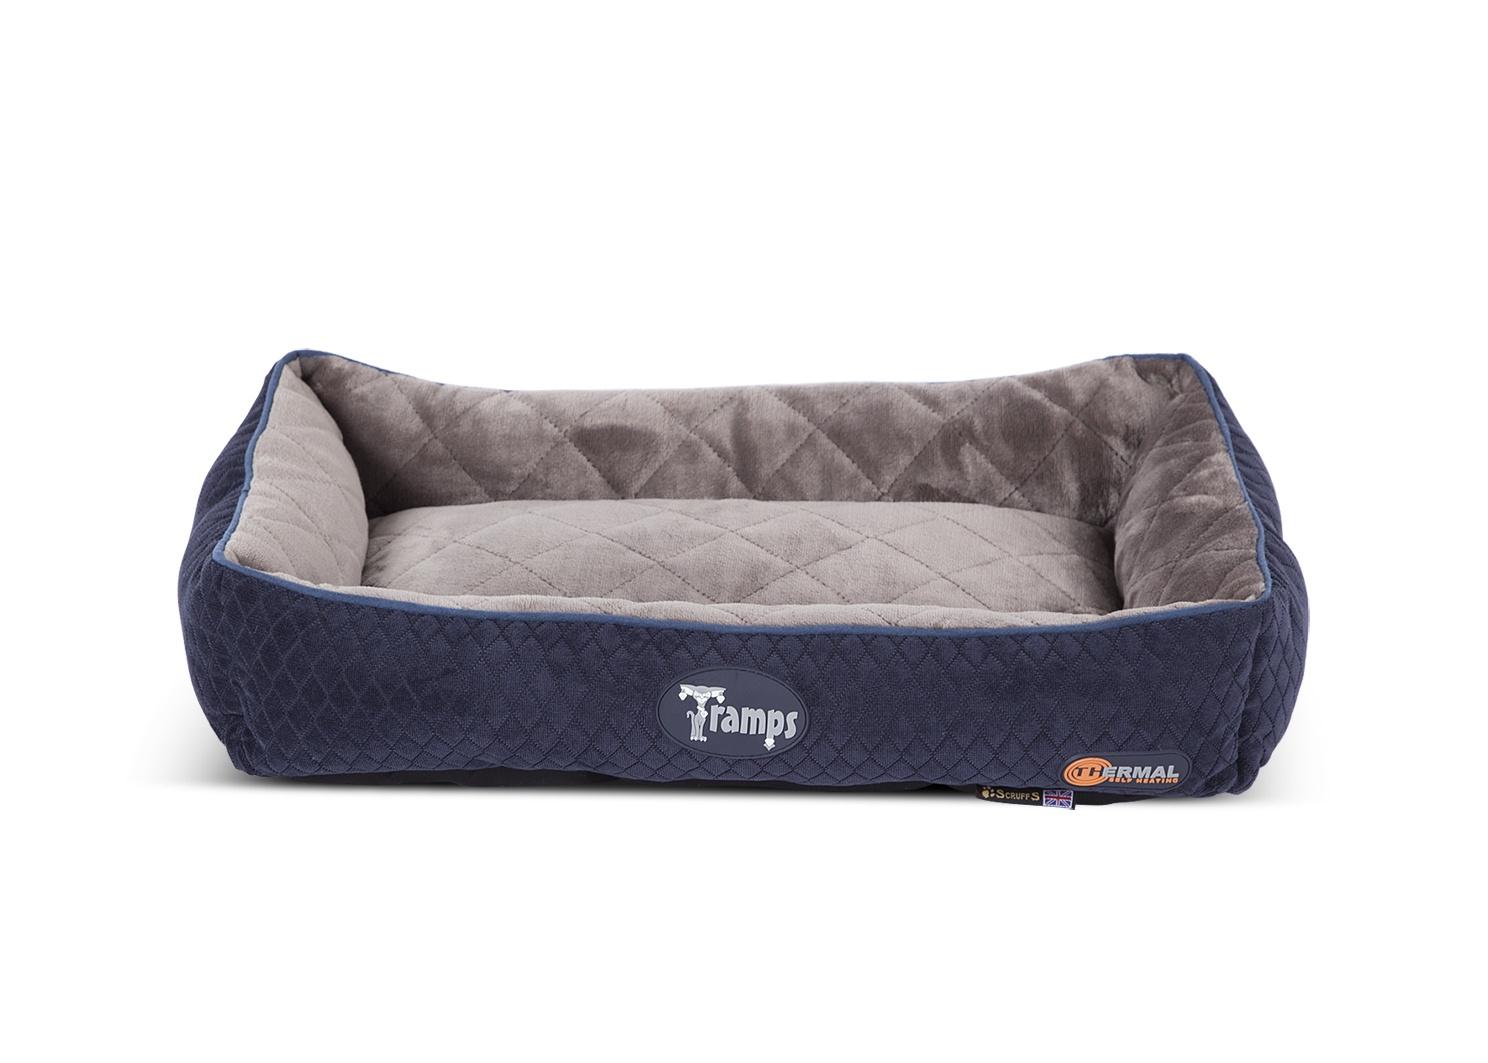 Лежак для кошек Scruffs Tramps Thermal, 934767, темно-синий, 58х40 см934767TRAMPS Thermal Lounger Лежак темно-синий 58*40см (Великобритания)Коллекция самонагреваемых лежаков Tramps идеальный выбор для животных любящих тепло и уют. Каждый лежак содержит поролоновый слой и отражающую тепло фольгу. Данный слой находится между полиэфирными волокнами и основным наполнителем лежака, который отражая тепло тела животного, согревает его.Лежак имеет стильную вельветовую обивку с внешней стороны и роскошную плюшевую внутреннюю сторону.